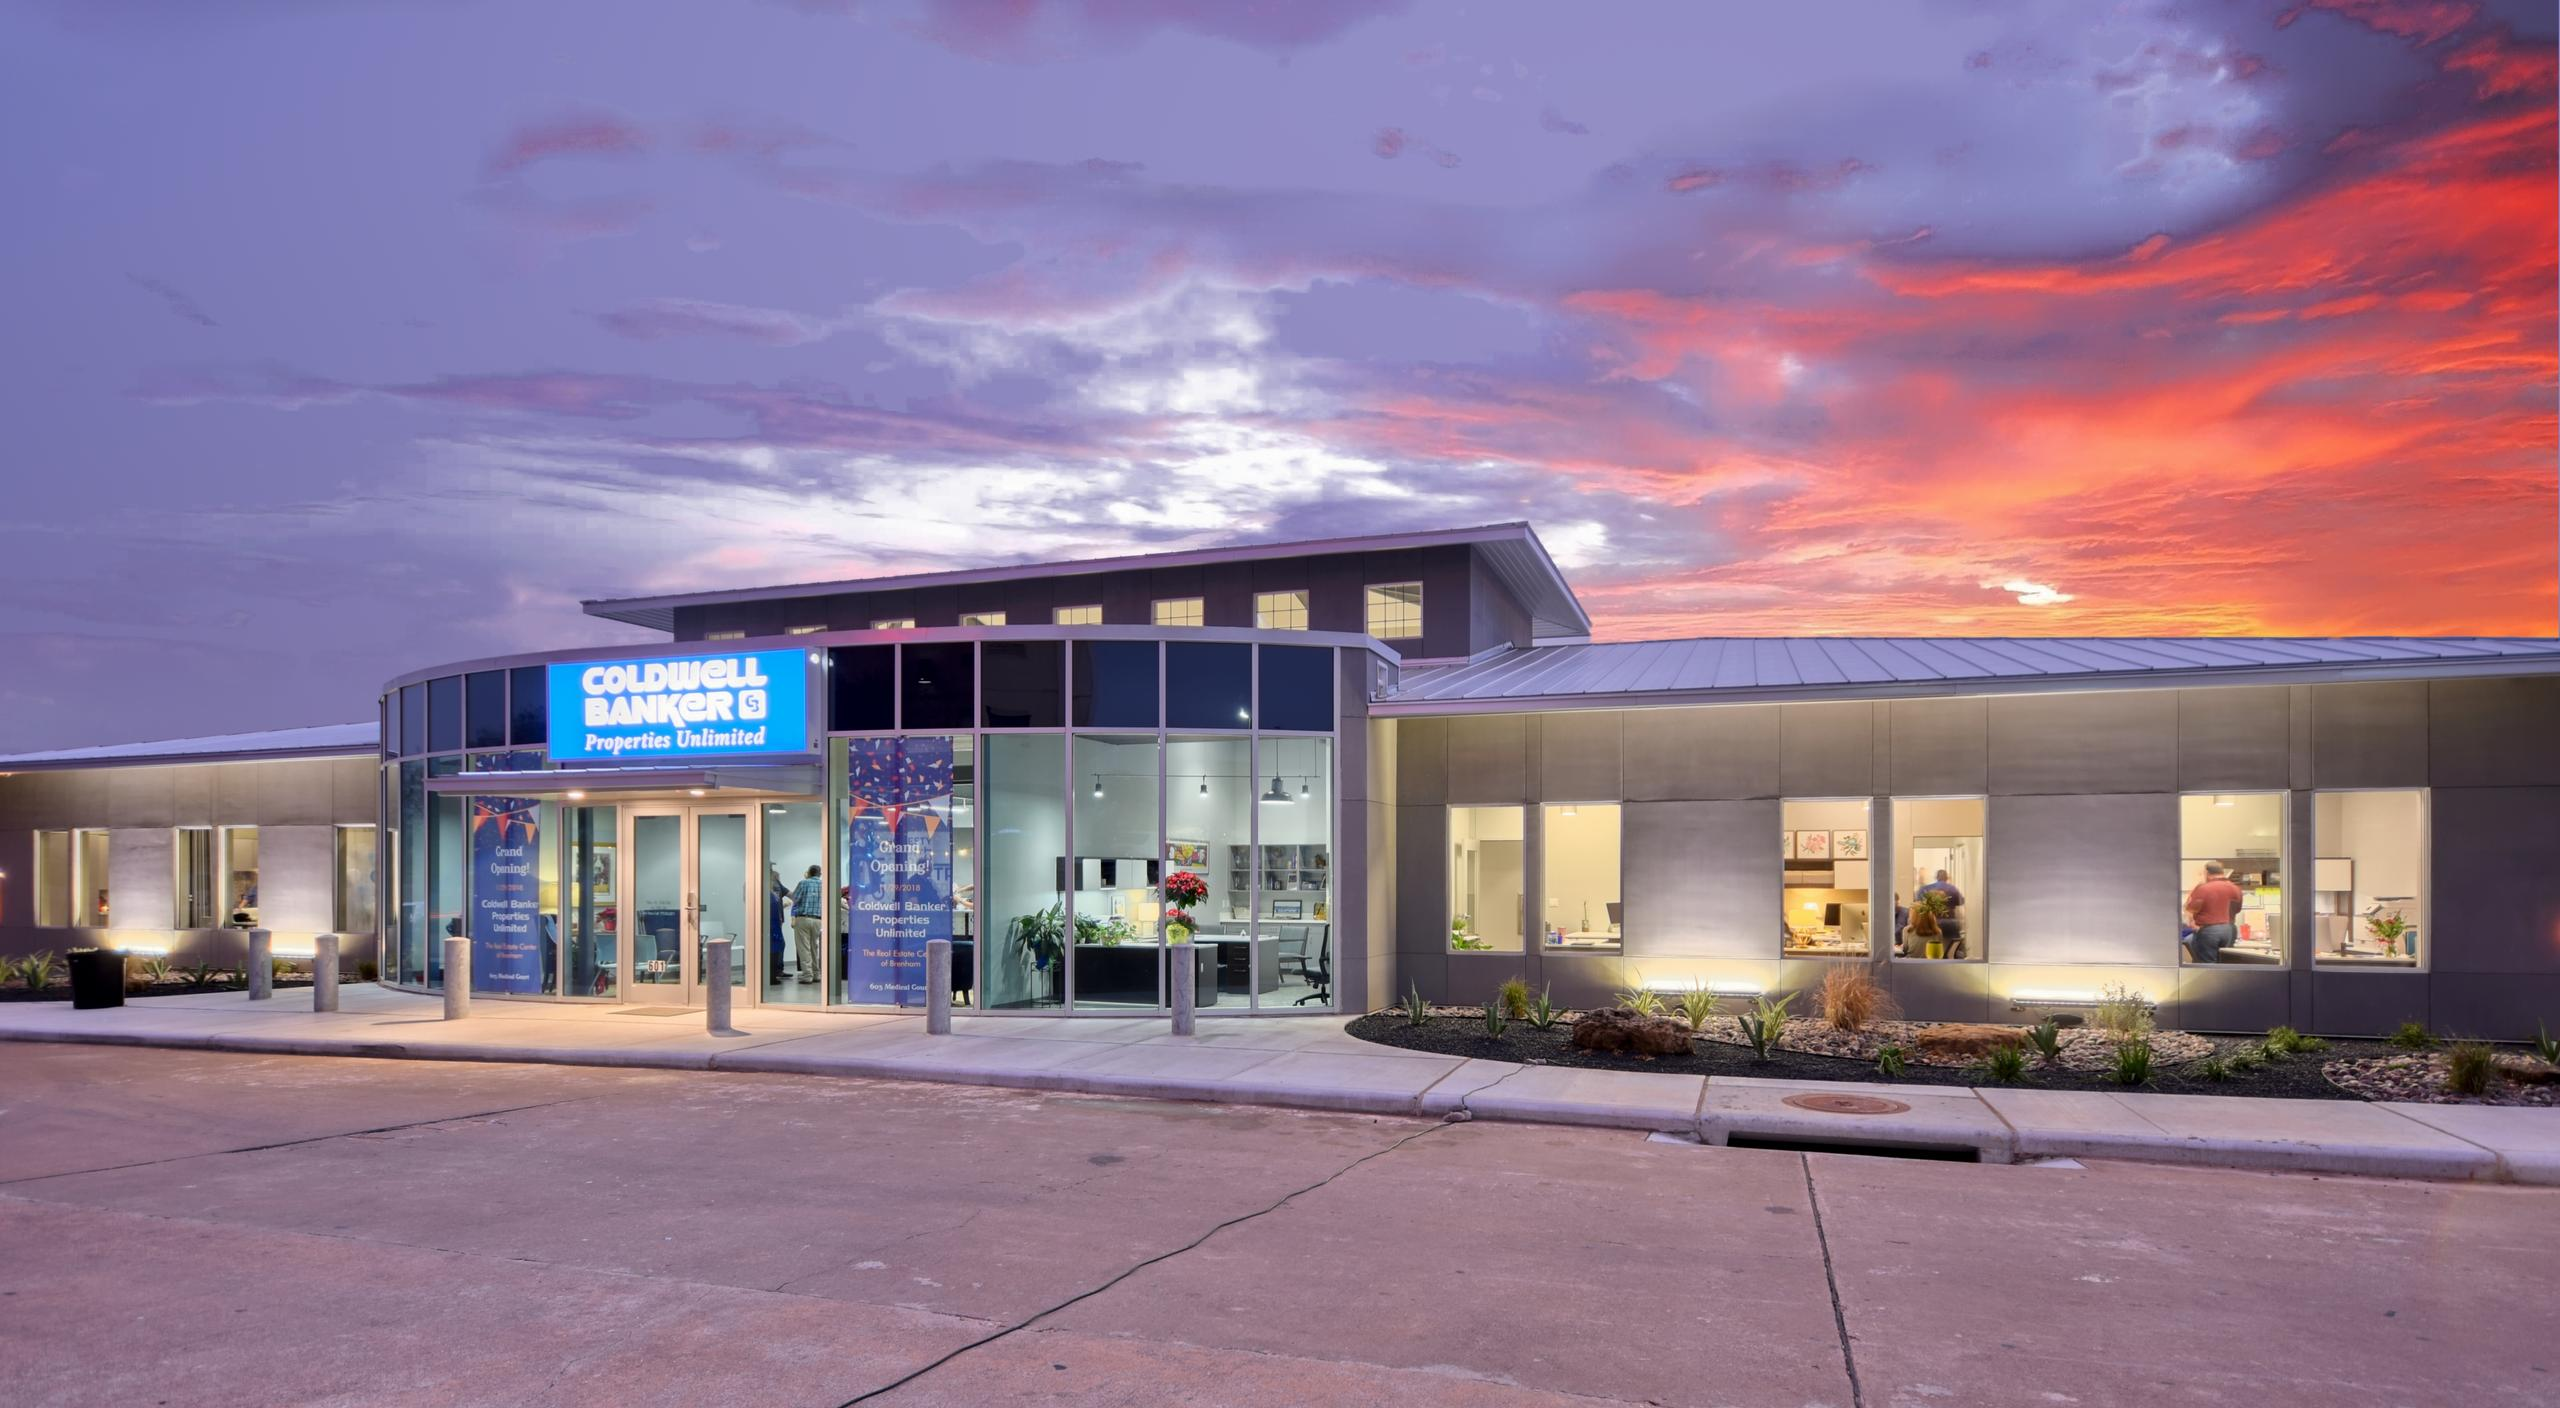 The Real Estate Center of Brenham